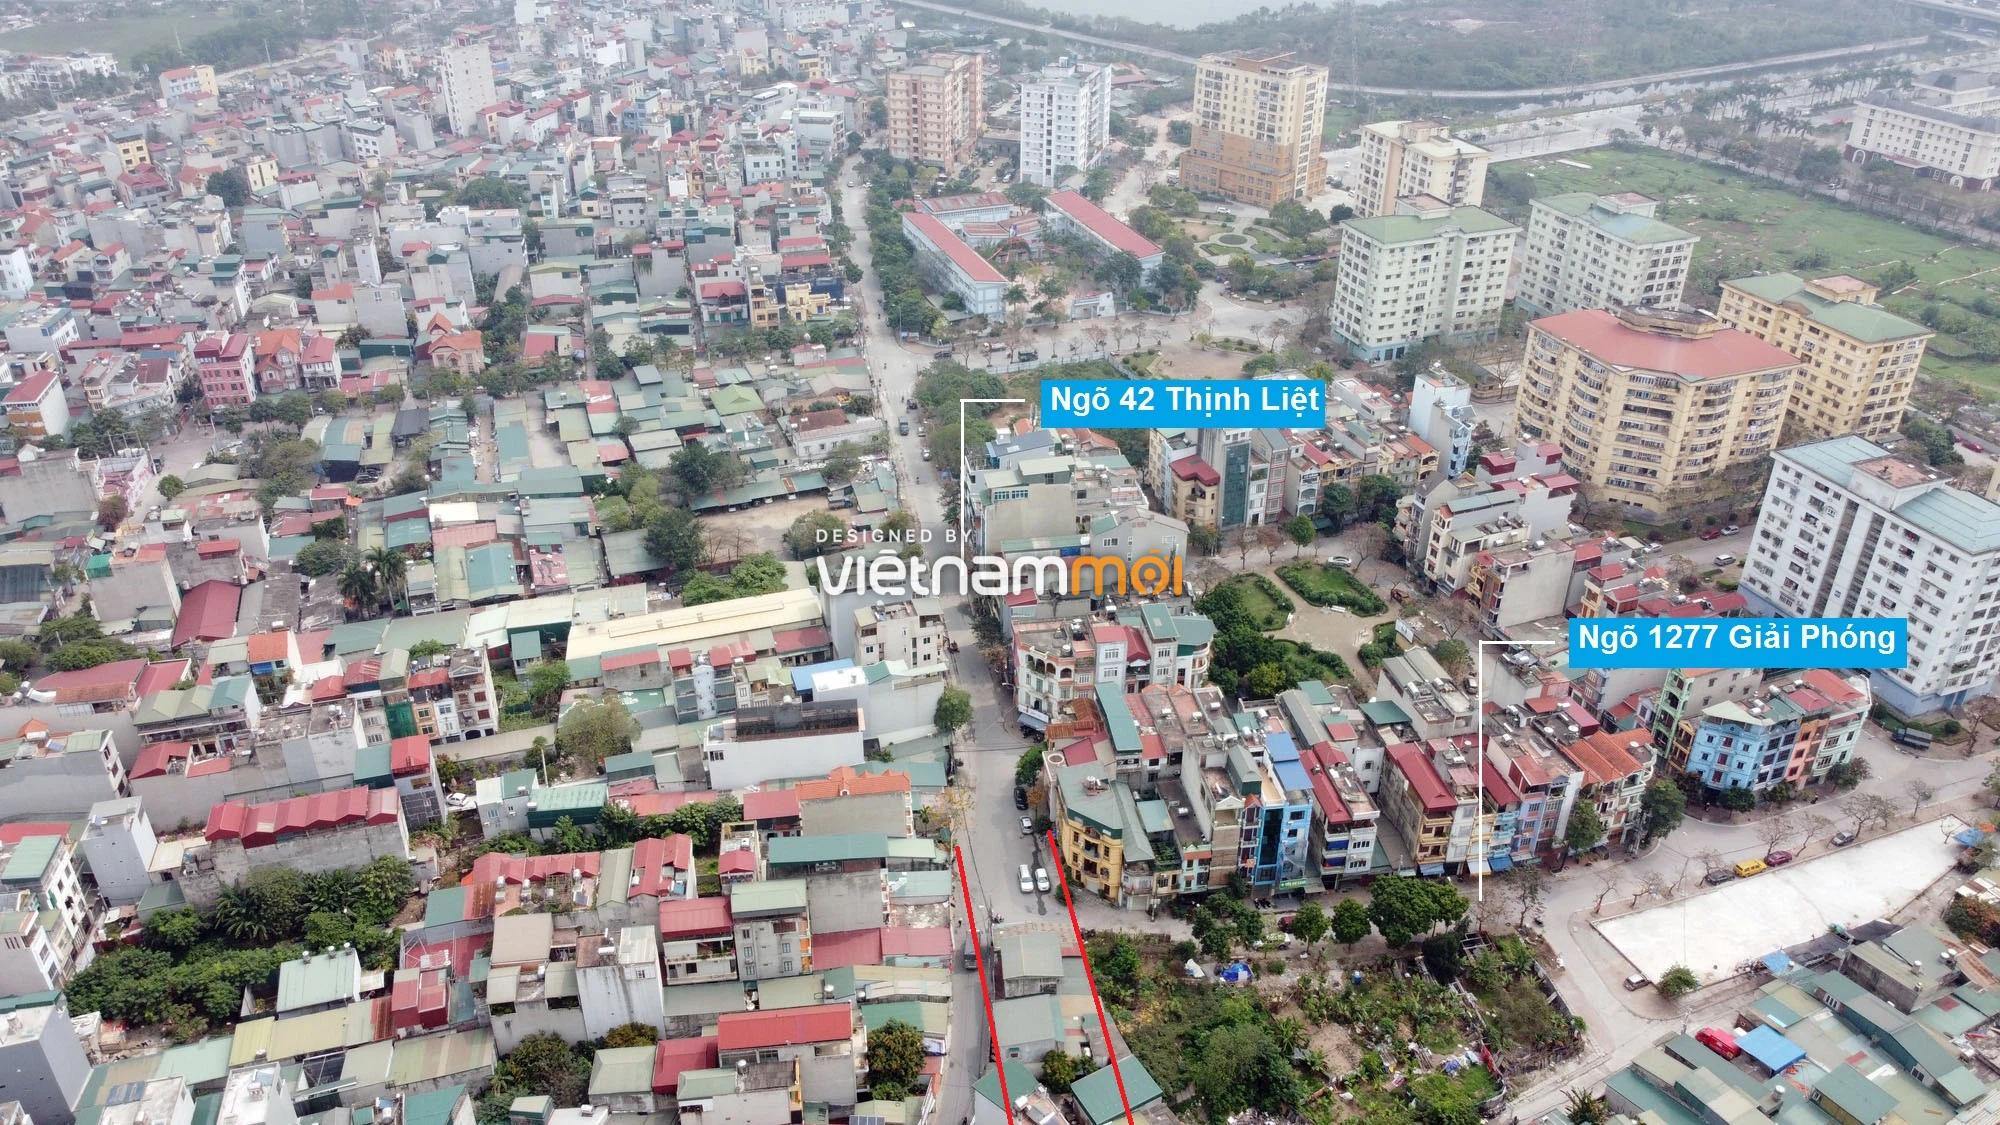 Đường sẽ mở theo quy hoạch ở phường Thịnh Liệt, Hoàng Mai, Hà Nội (phần 2) - Ảnh 9.